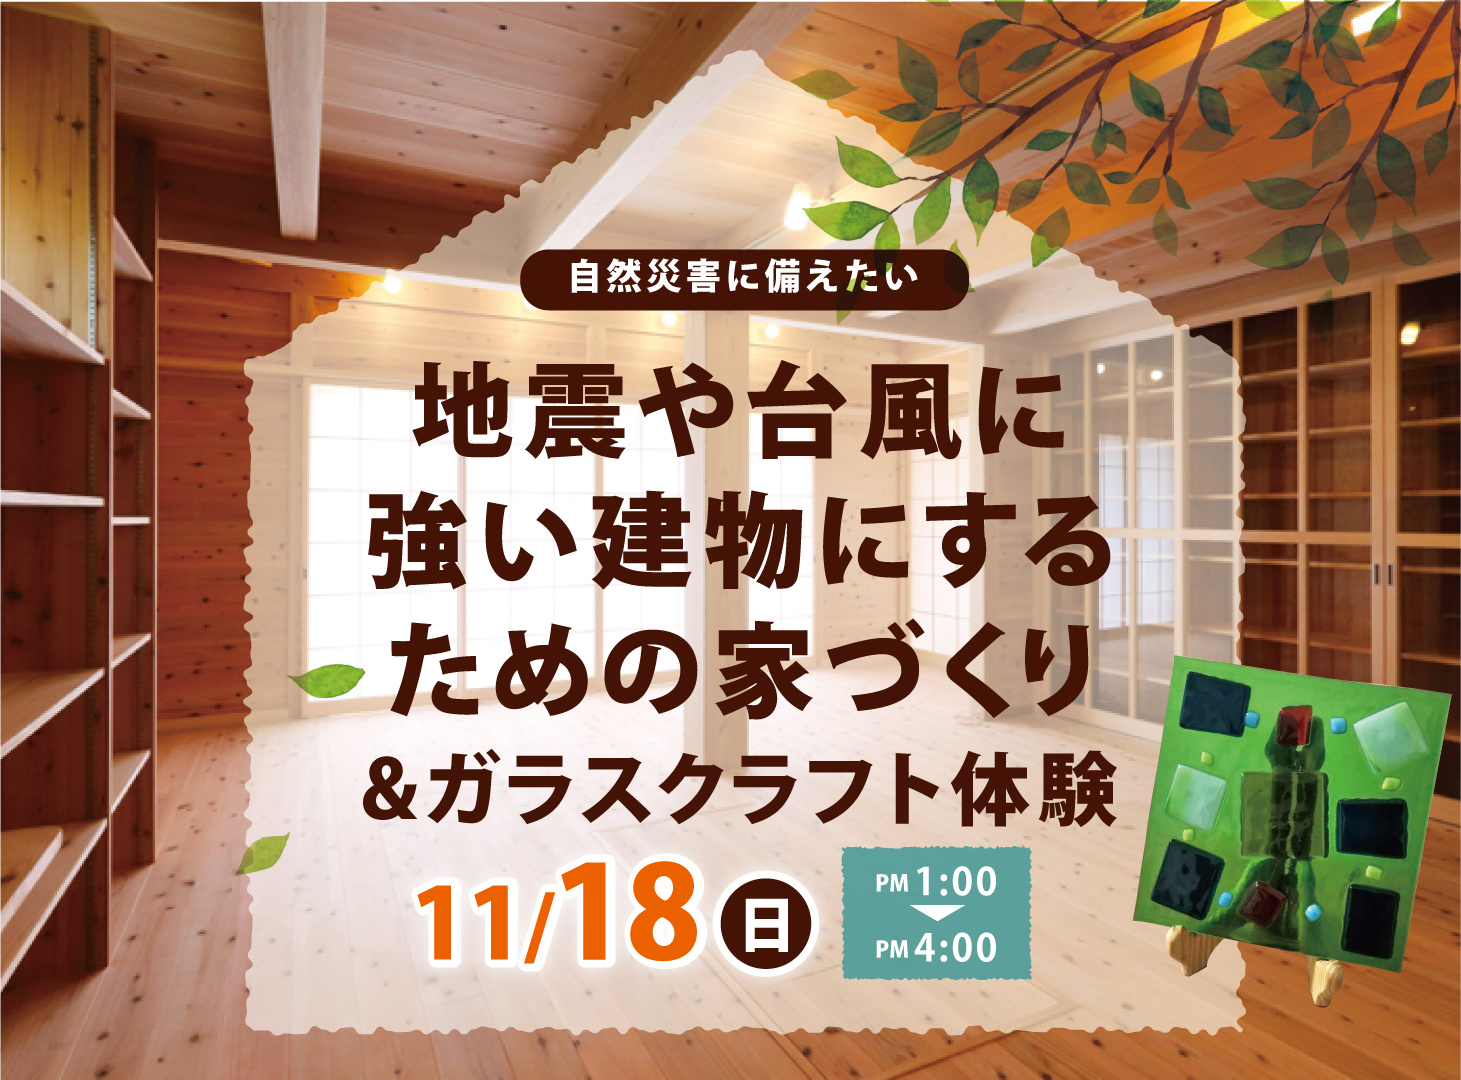 地震や台風に強い建物にするための家づくり&ガラスクラフト